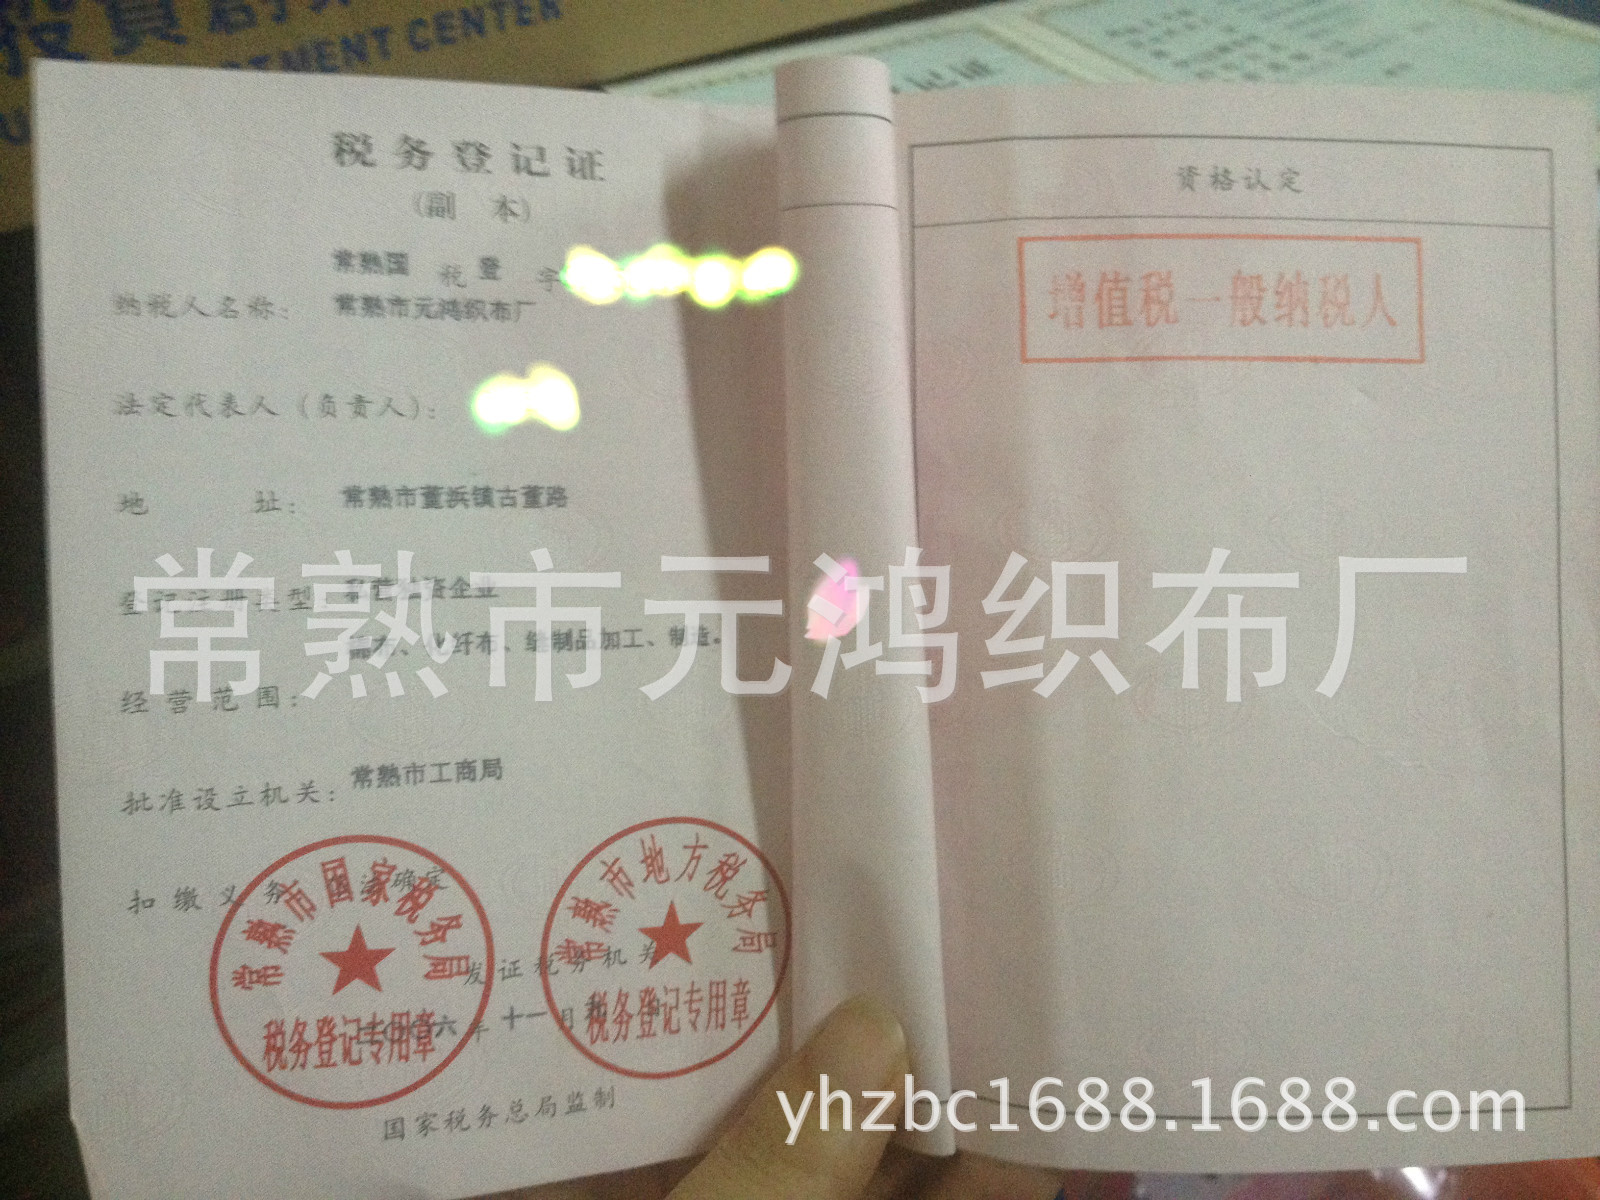 国税税务登记证副本_meitu_1